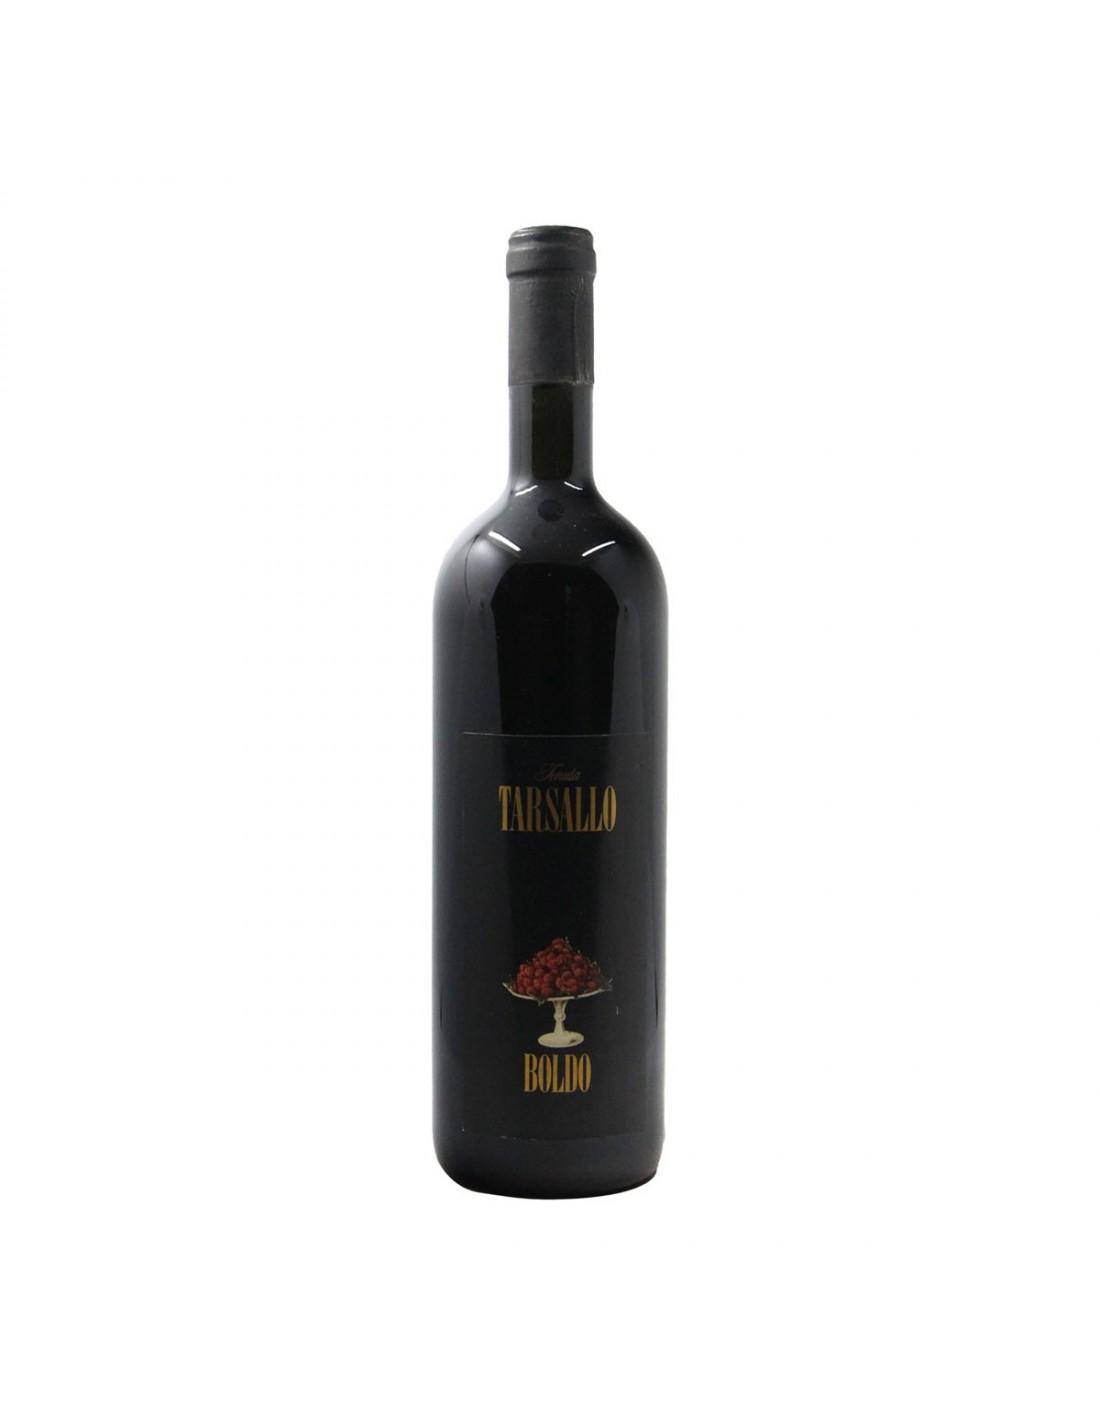 BOLDO 1985 TARSALLO Grandi Bottiglie